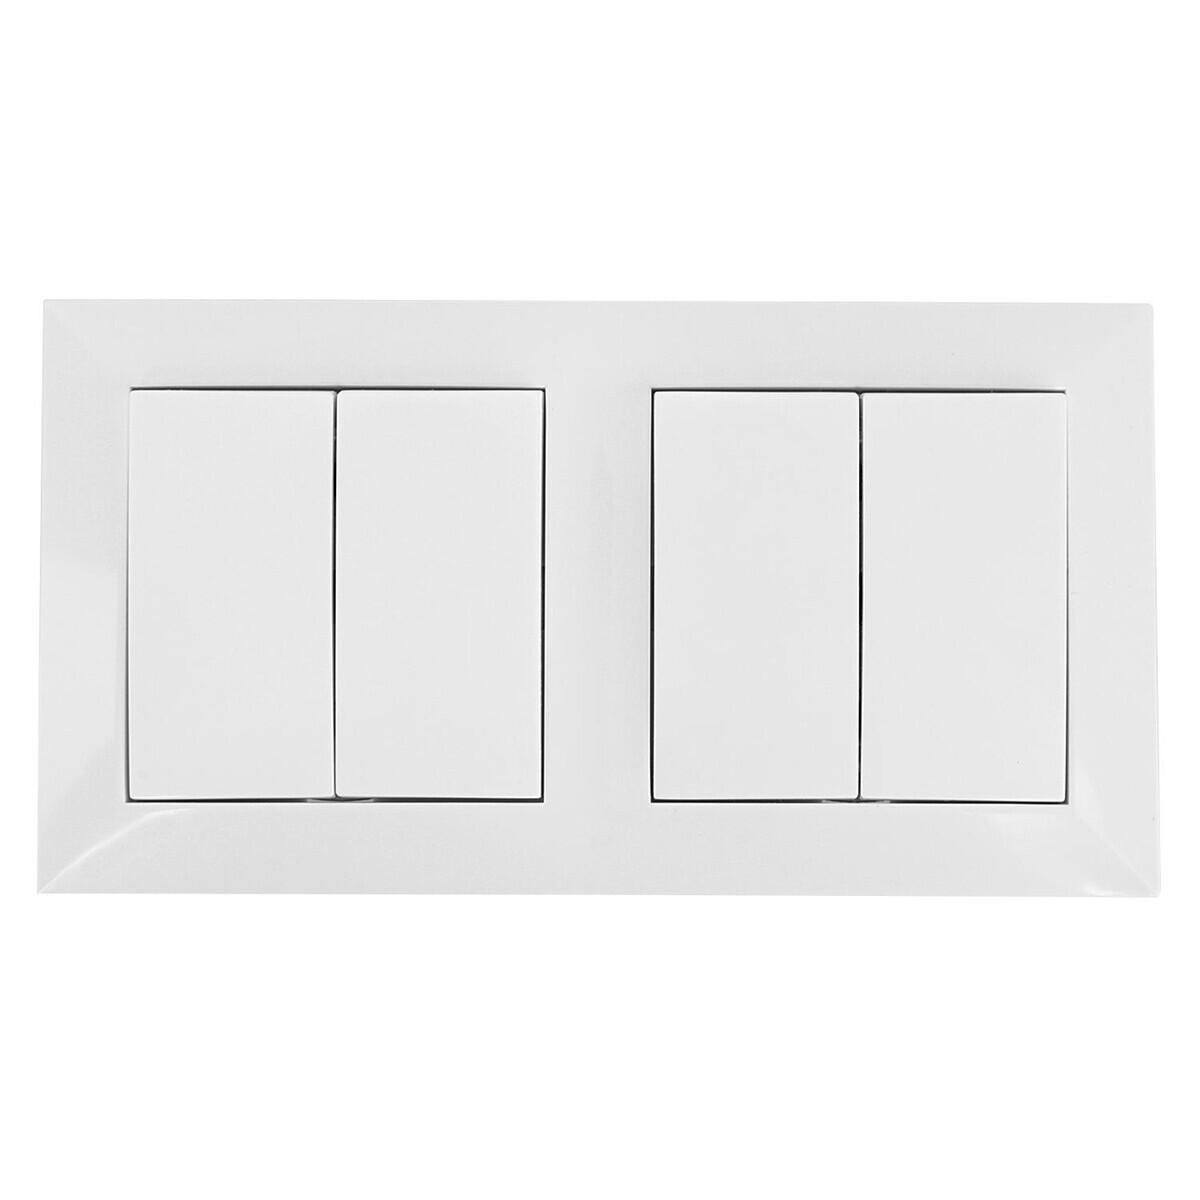 Wisselschakelaar Wissel/Wissel - Aigi Cika - Inbouw - 2-voudig Dubbel Schakelaar - Incl. Afdekraam -